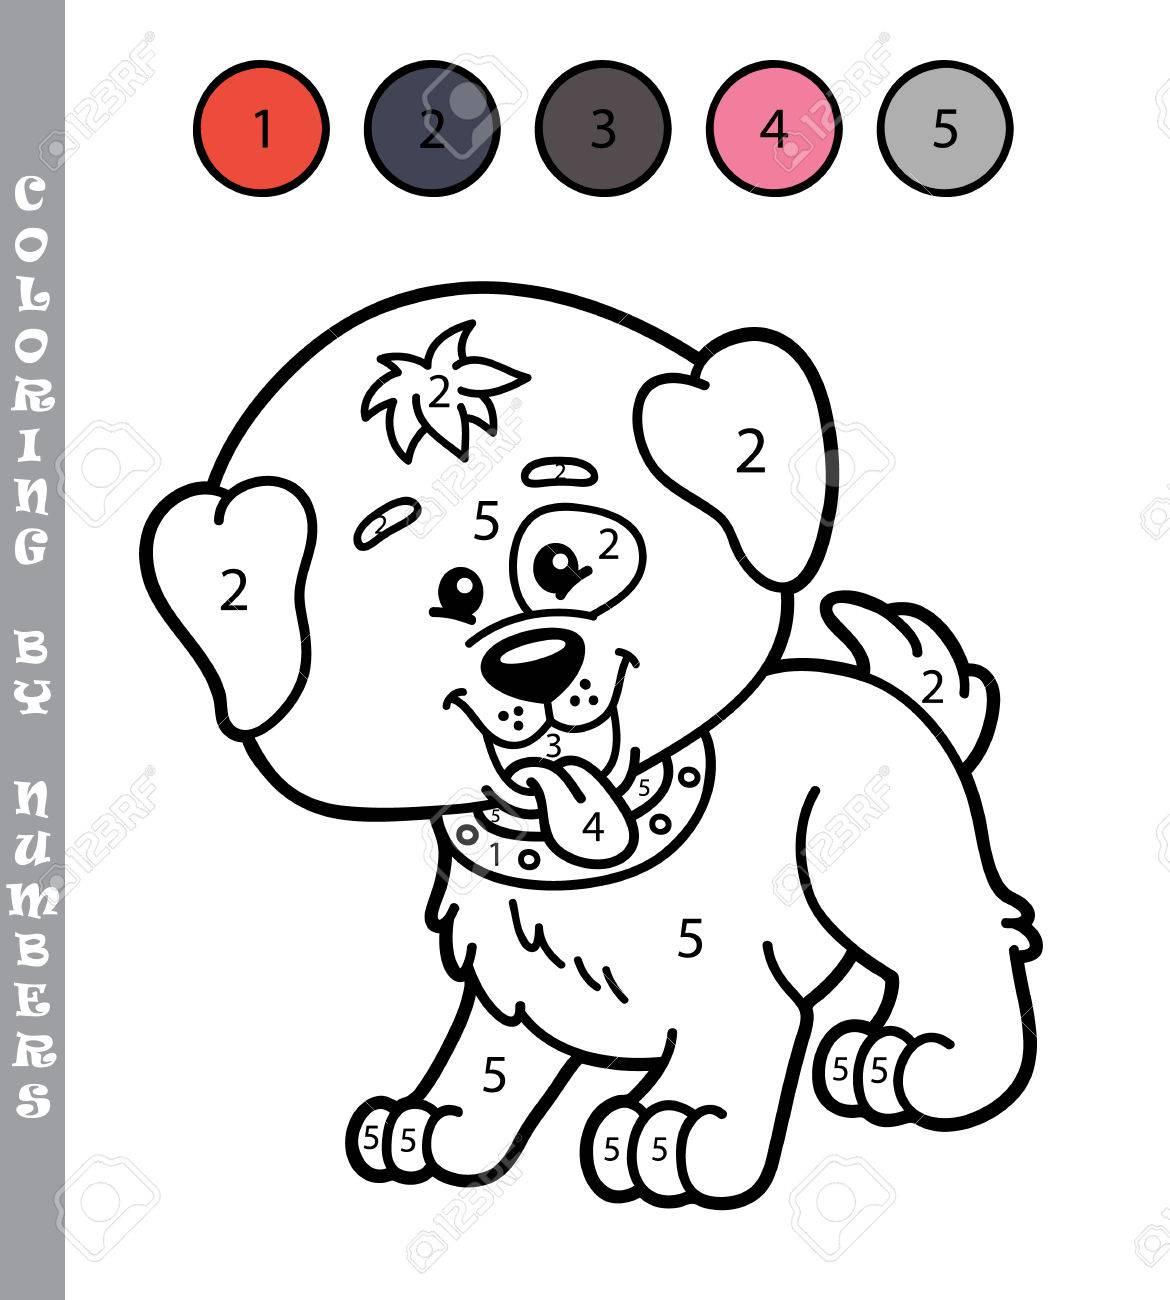 Colorear Por Números Divertido Juego Ilustración Vectorial Para Colorear Por Números Juego Del Perrito De La Historieta Para Los Niños